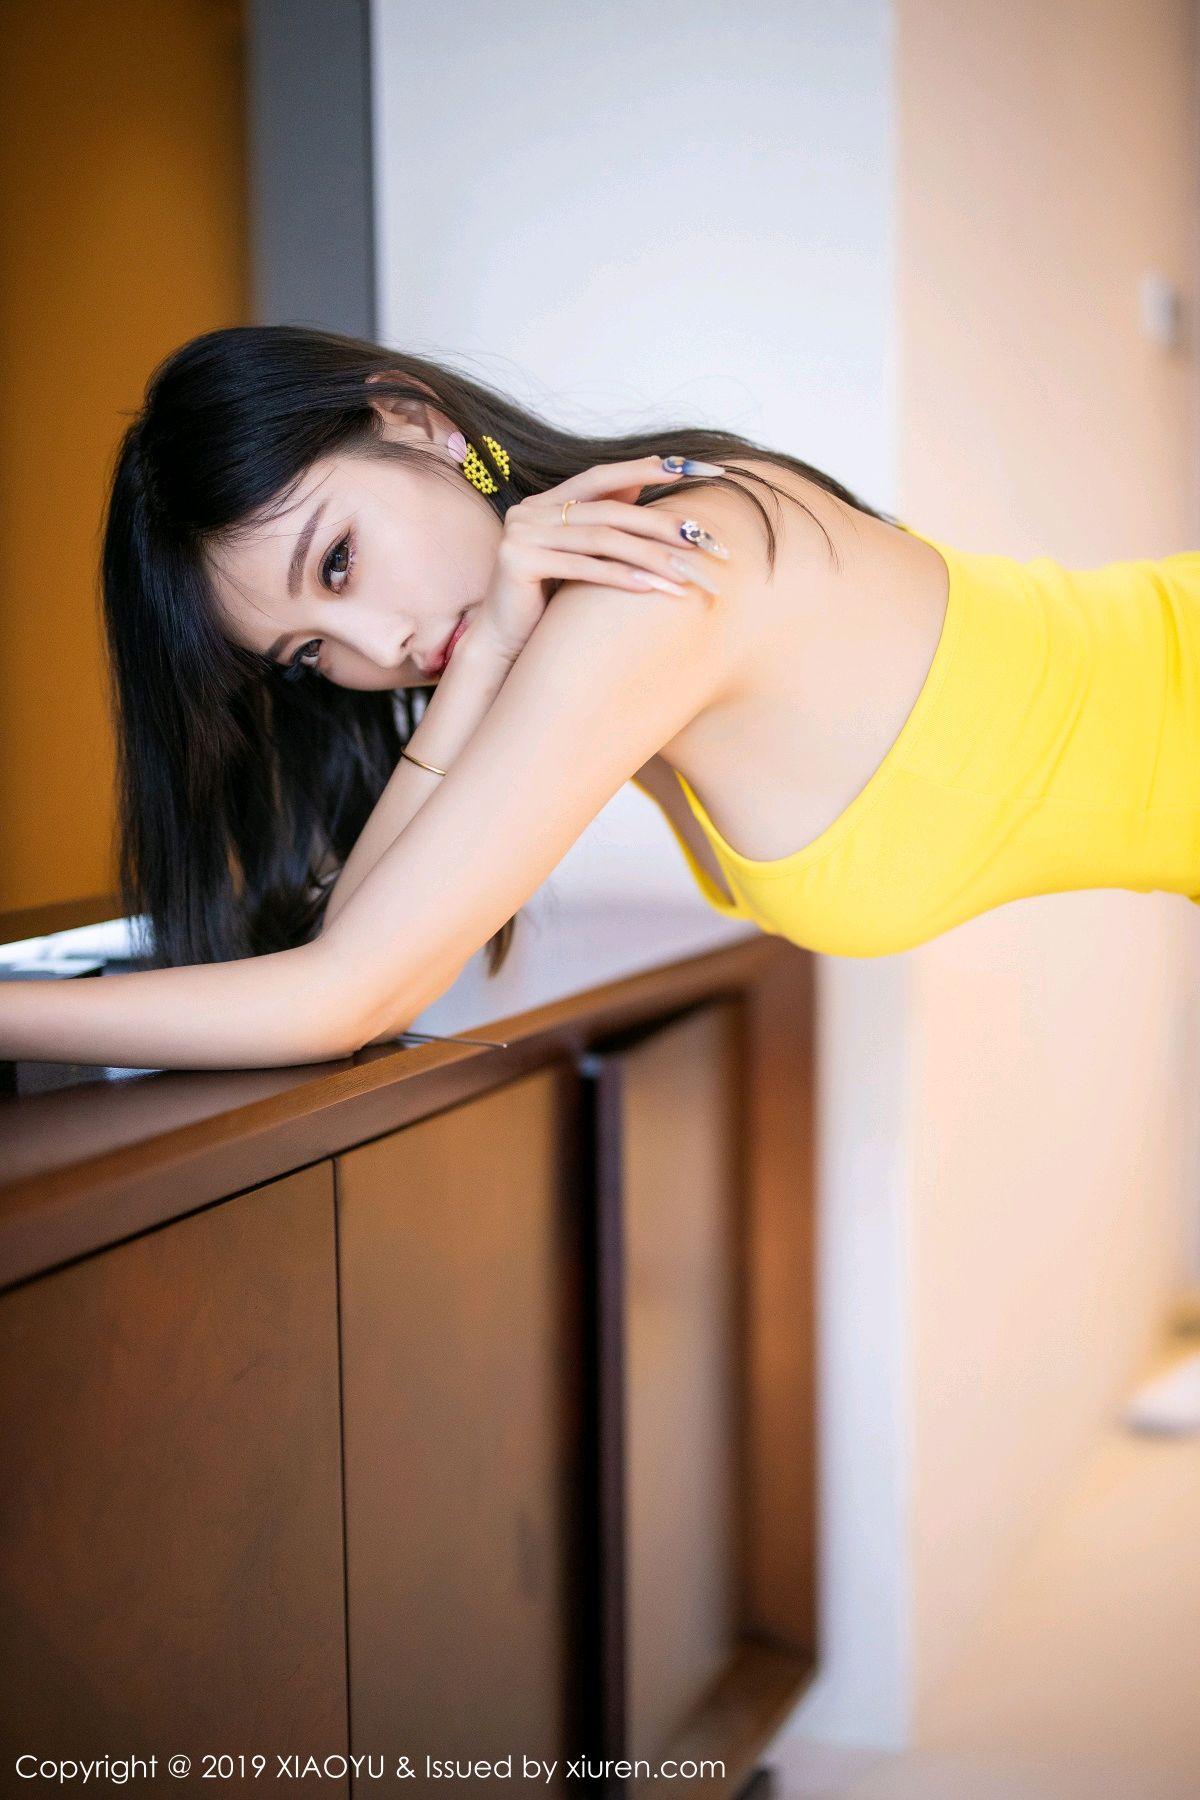 [XiaoYu] VOL.204 Yang Chen Chen 25P, Pure, XiaoYu, Yang Chen Chen